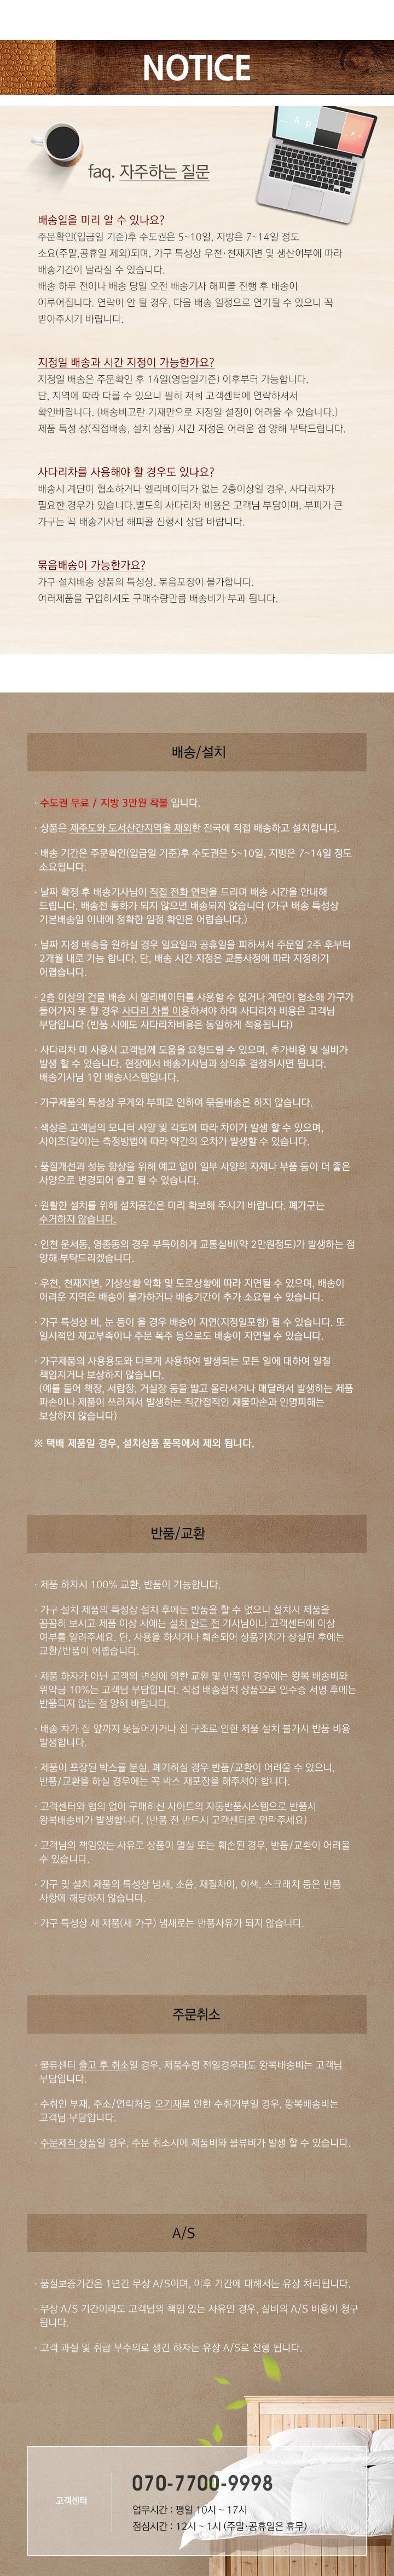 아스코 화장대 세트 - 우아미아이, 419,930원, 화장대, 화장대 세트